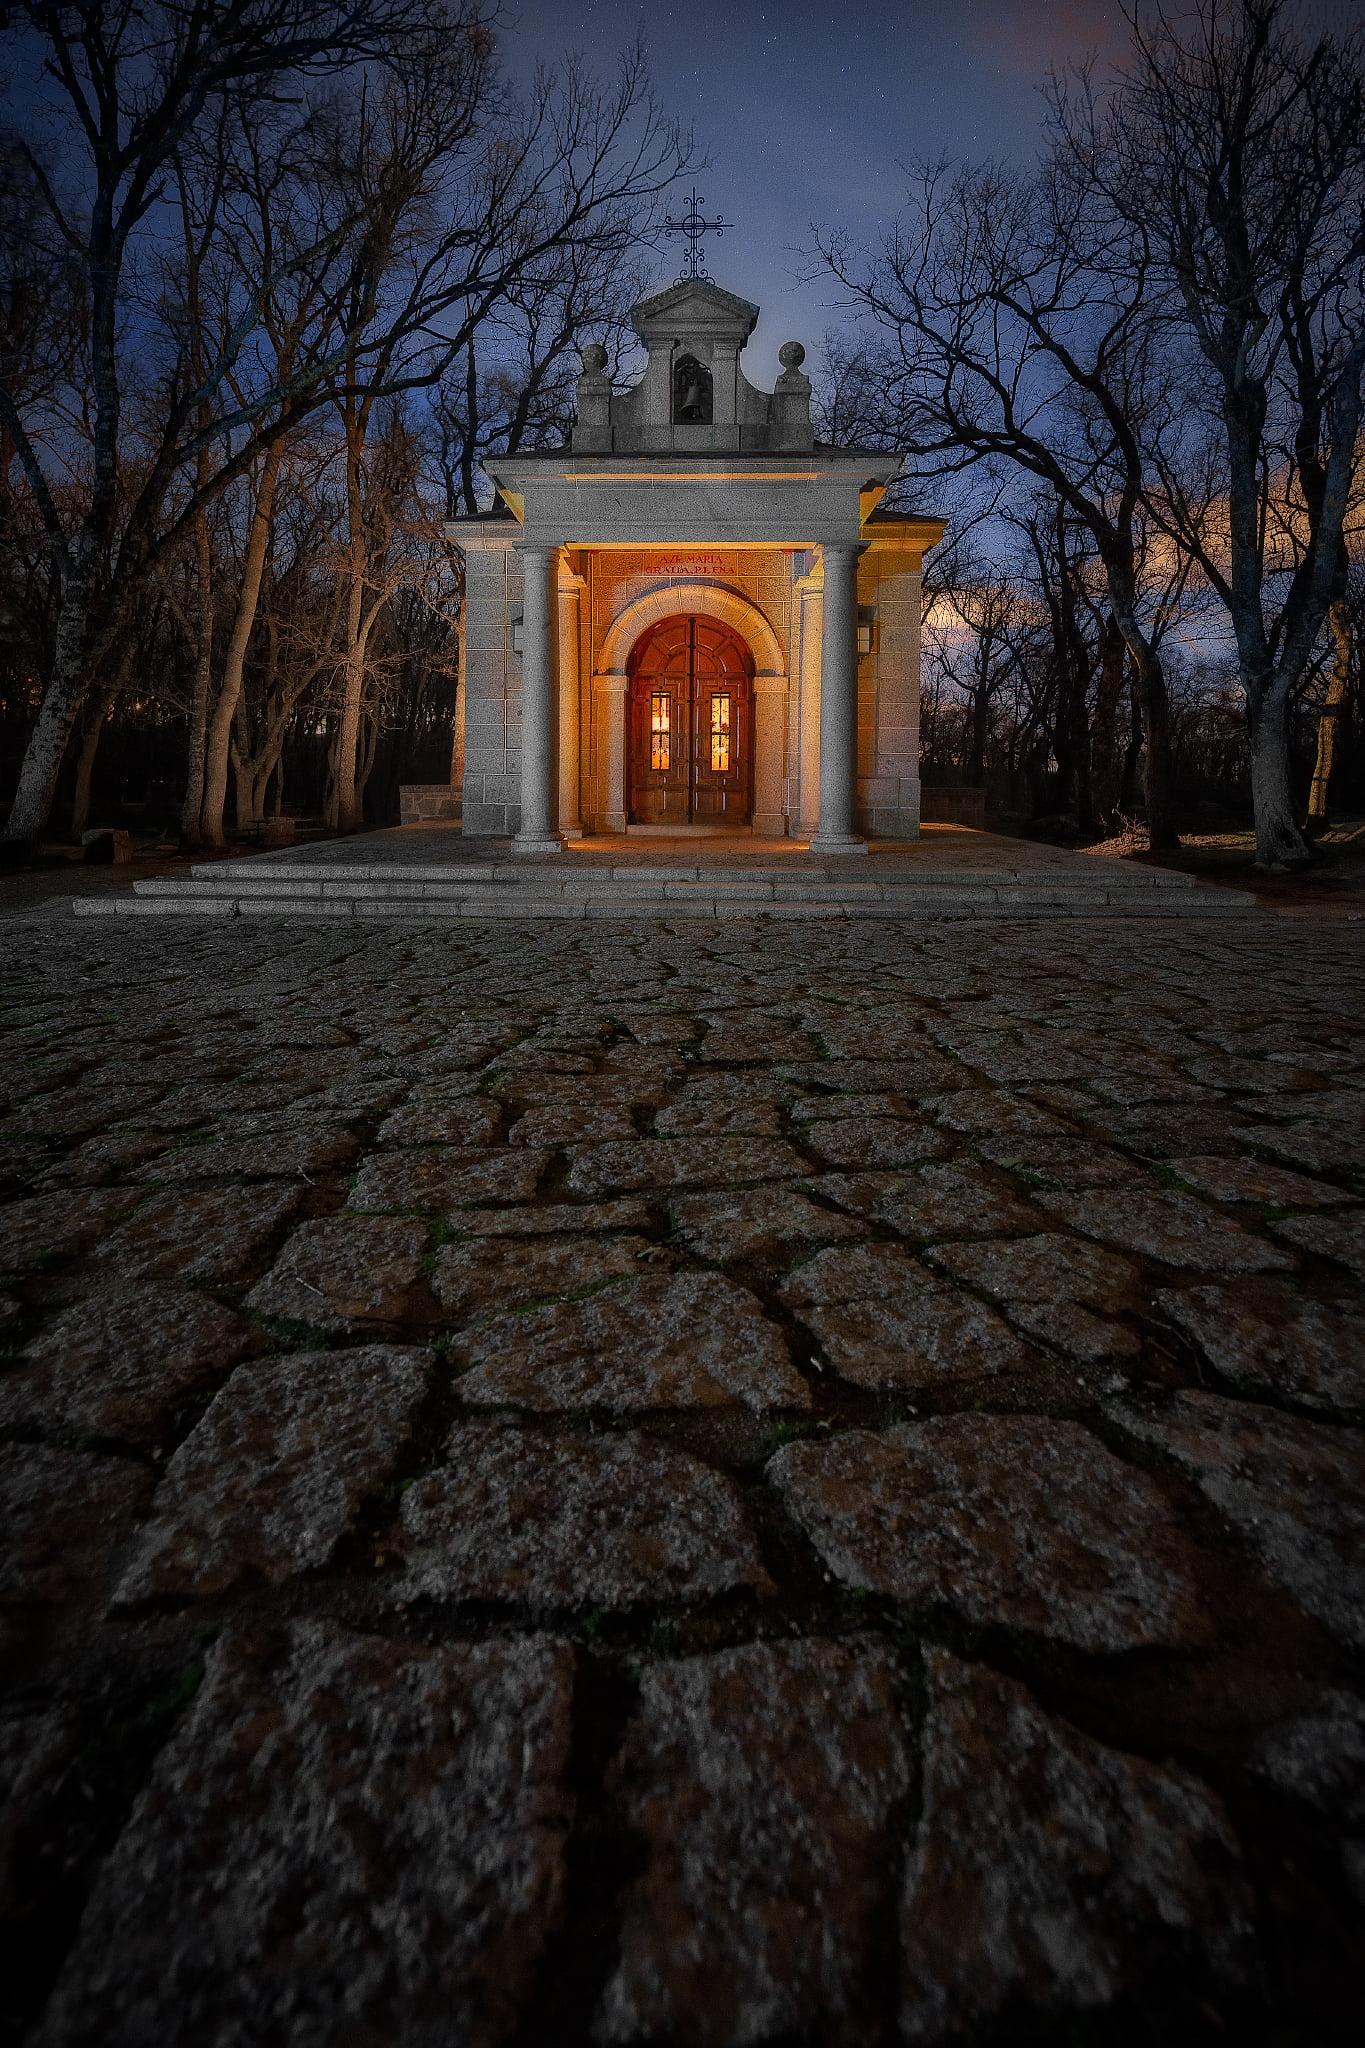 Fotografía nocturna de una ermita